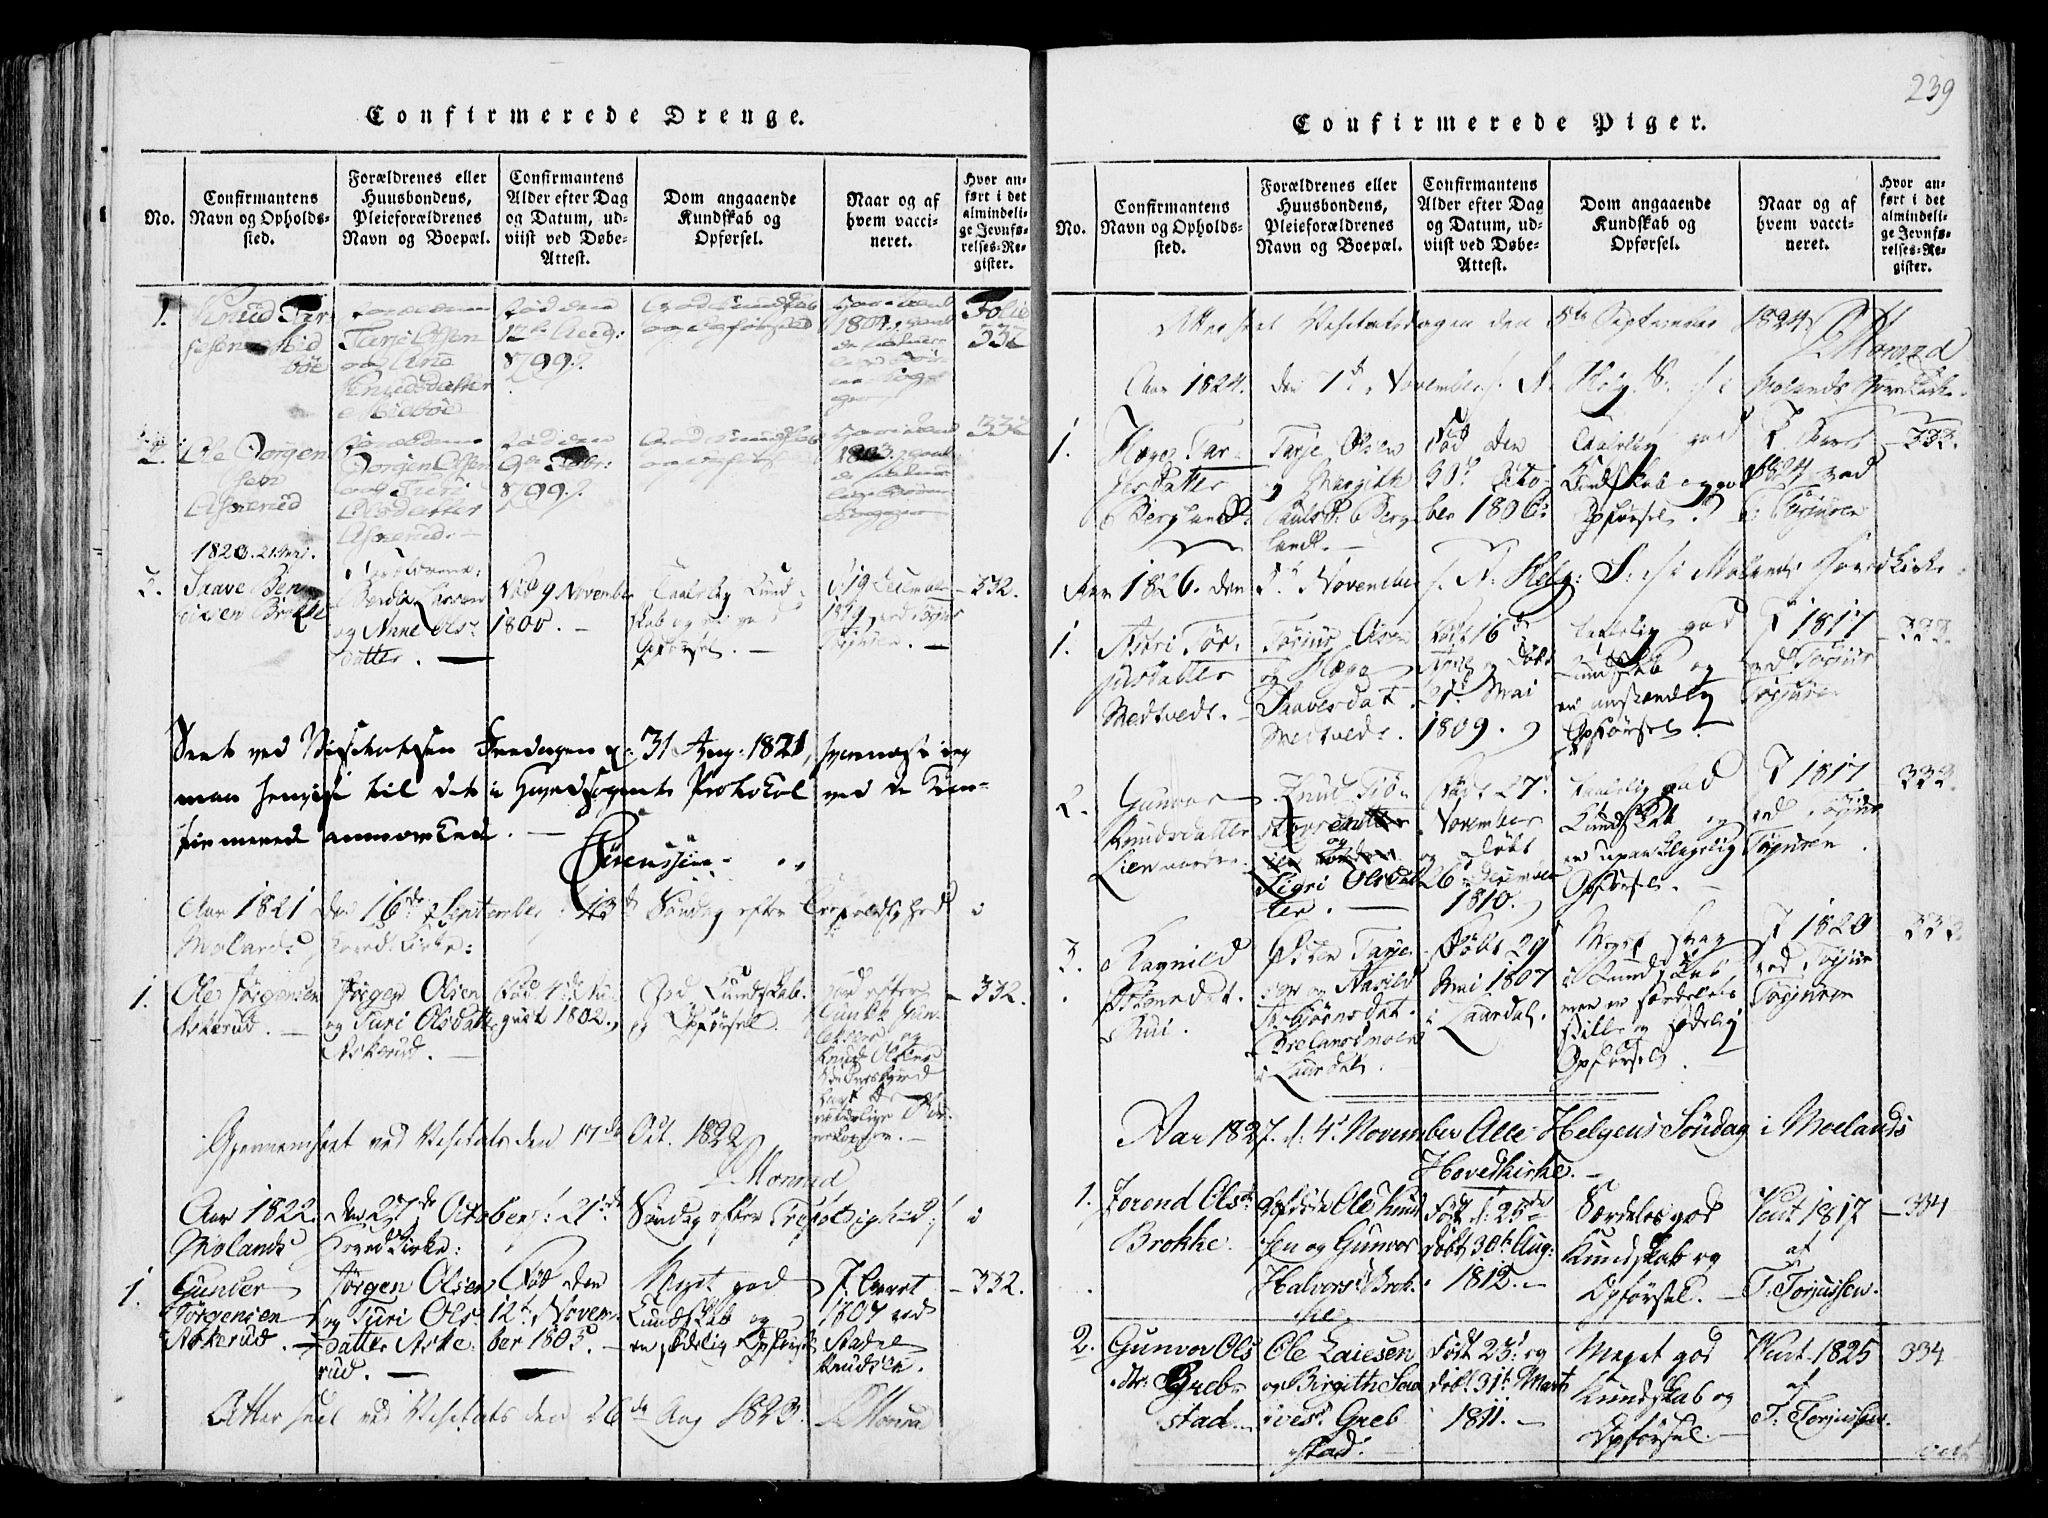 SAKO, Fyresdal kirkebøker, F/Fa/L0004: Ministerialbok nr. I 4, 1815-1854, s. 239